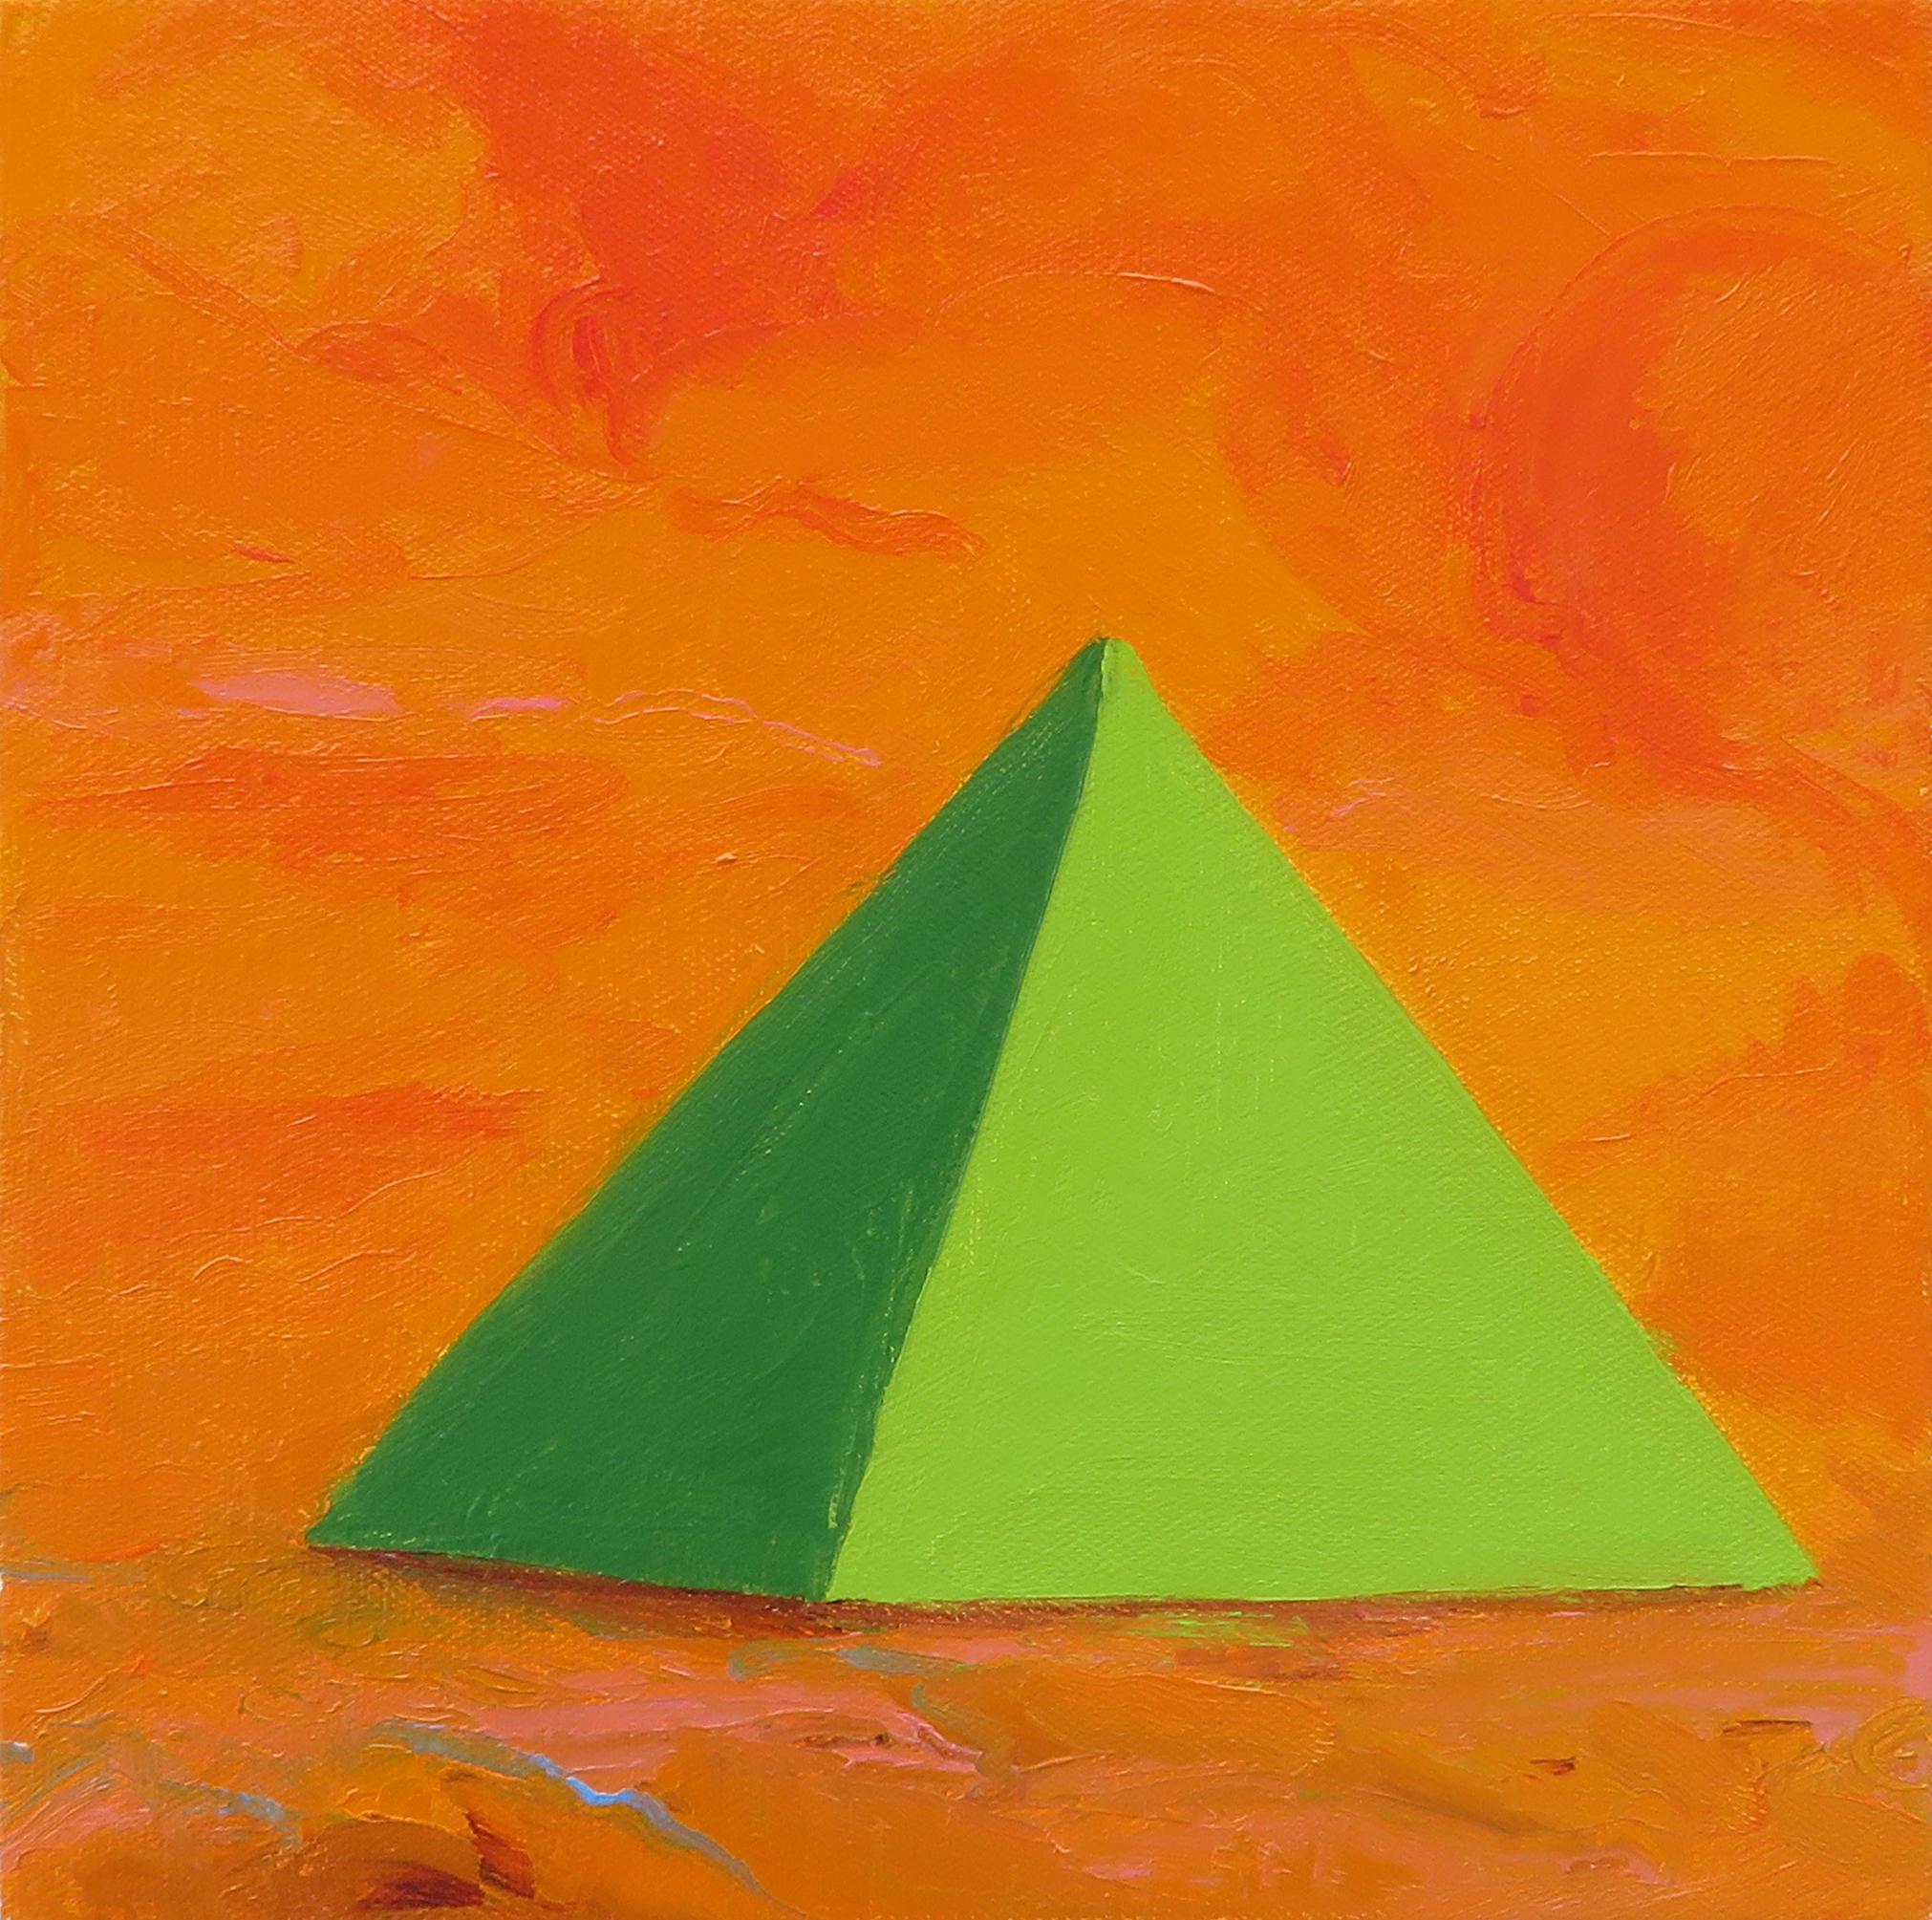 Pyramid 3, Green